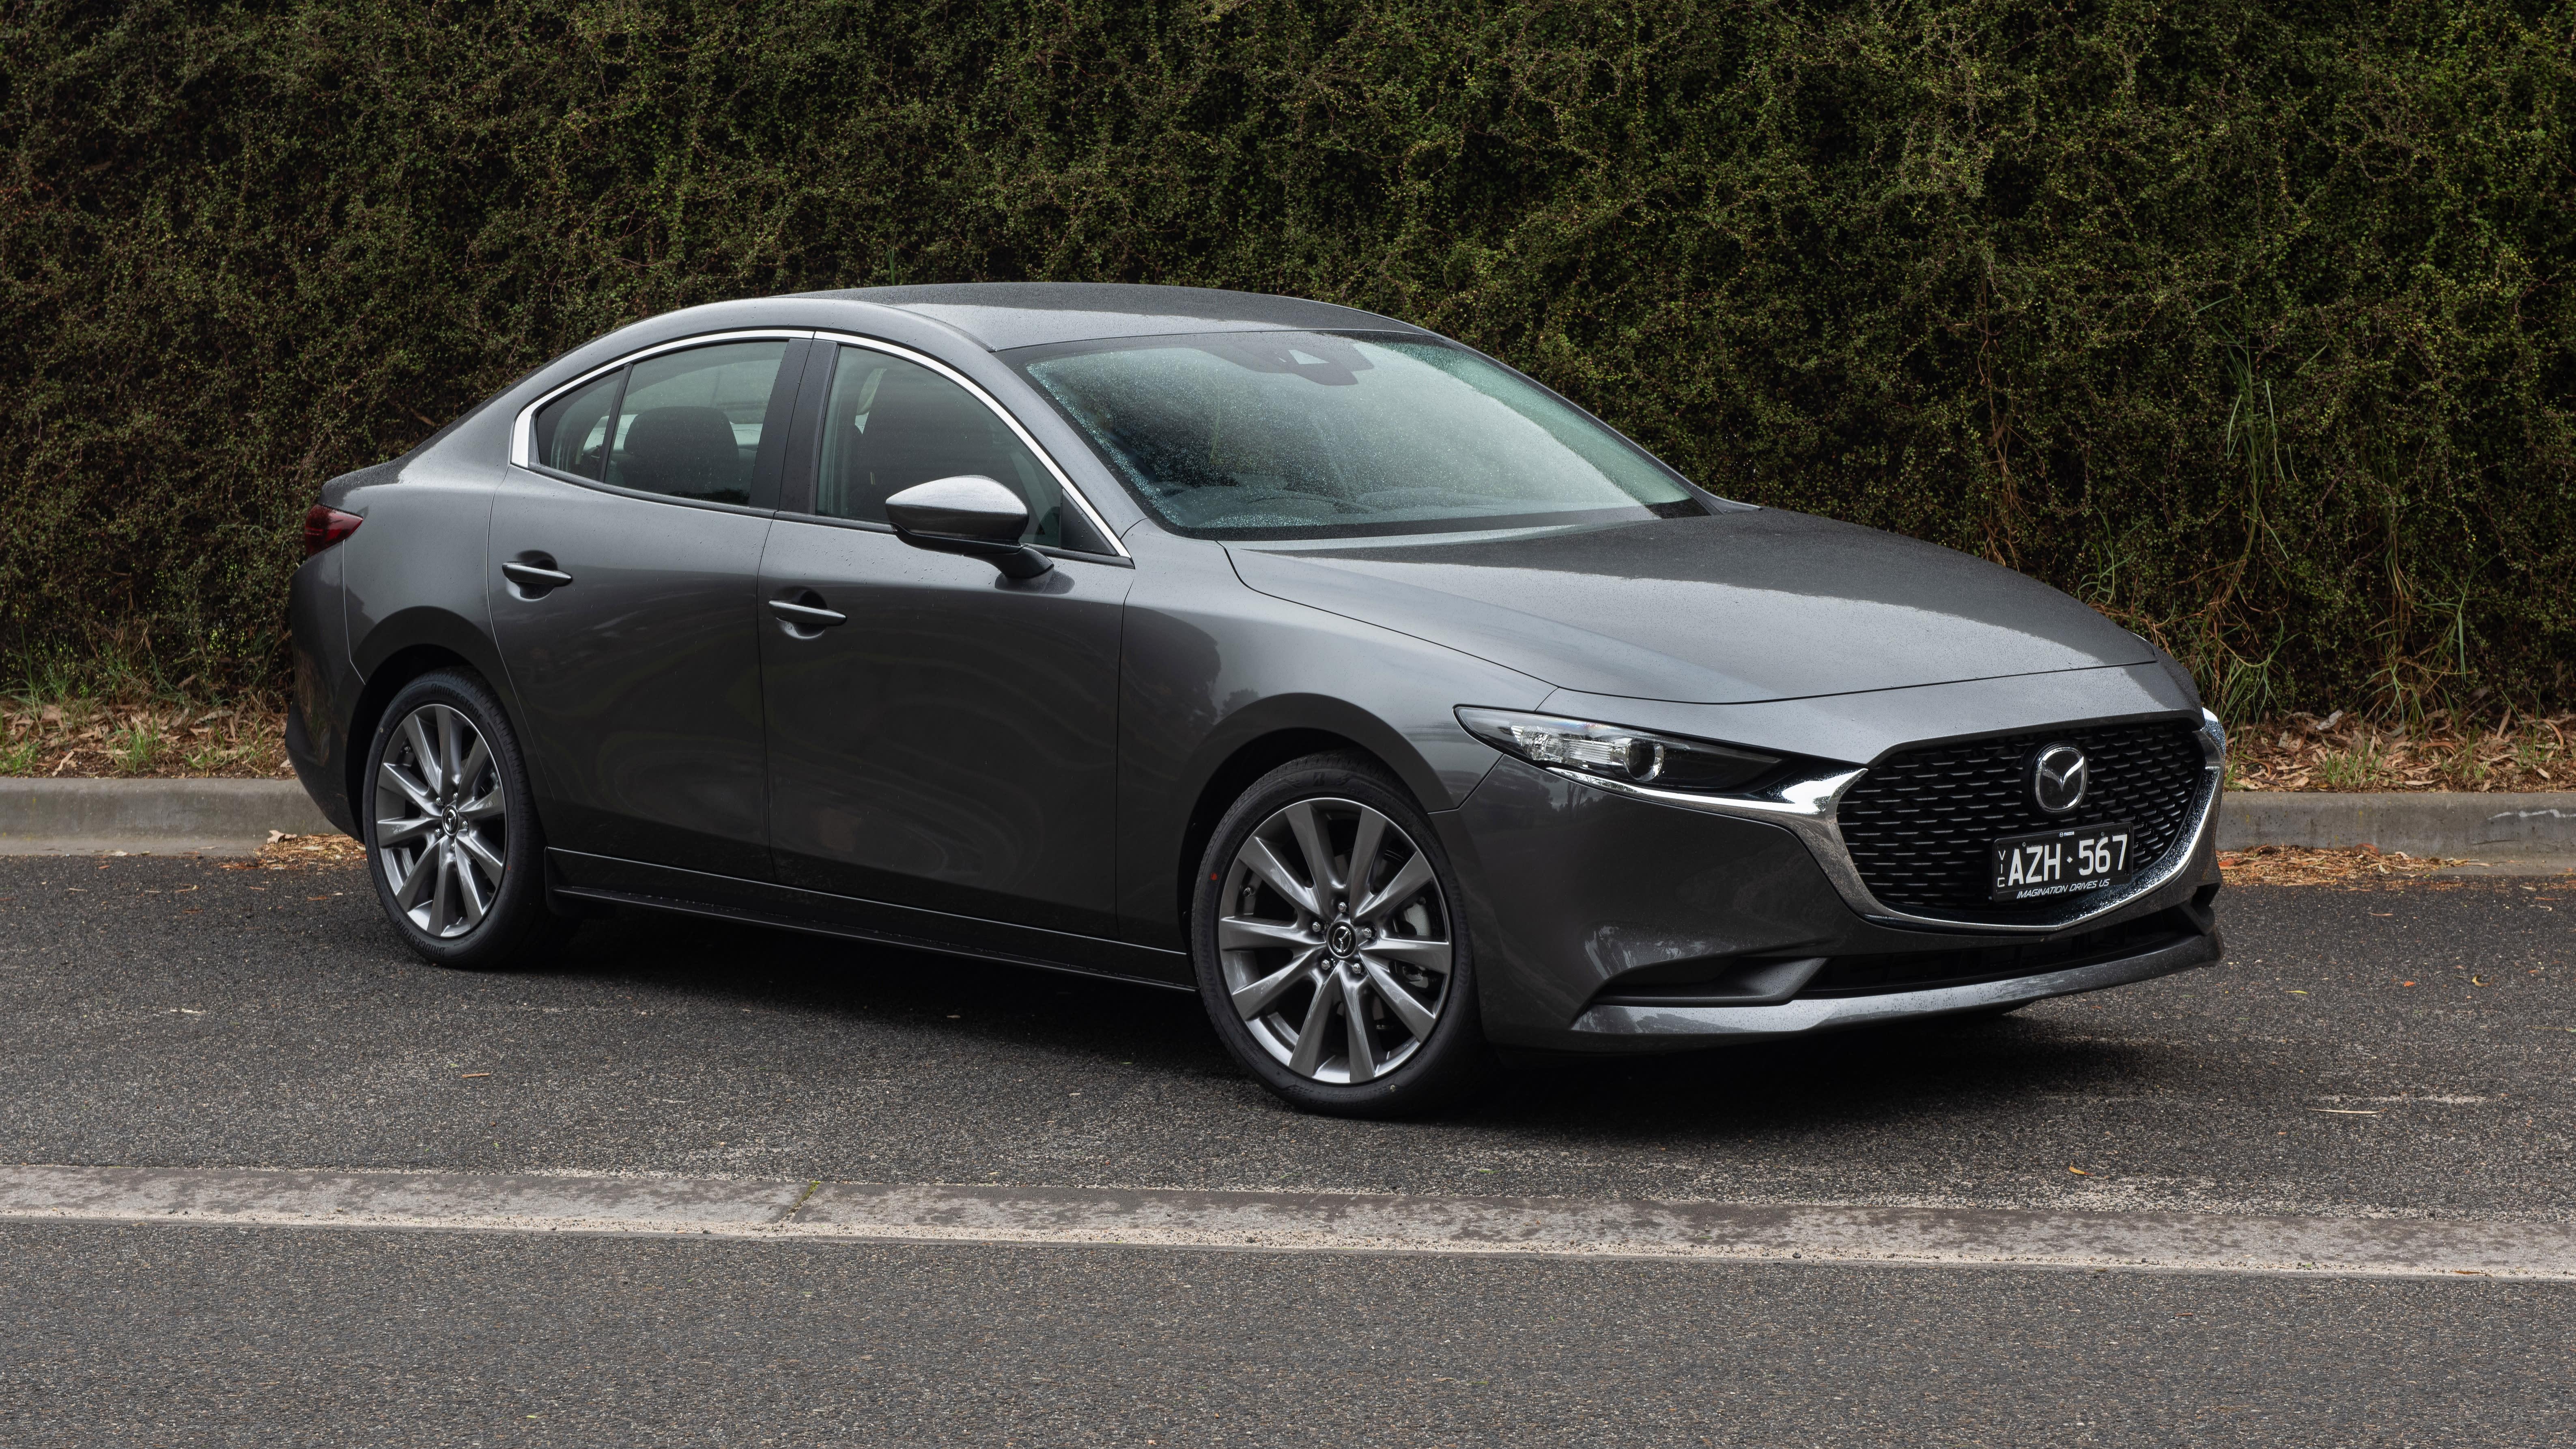 Kelebihan Mazda 3 2019 Murah Berkualitas